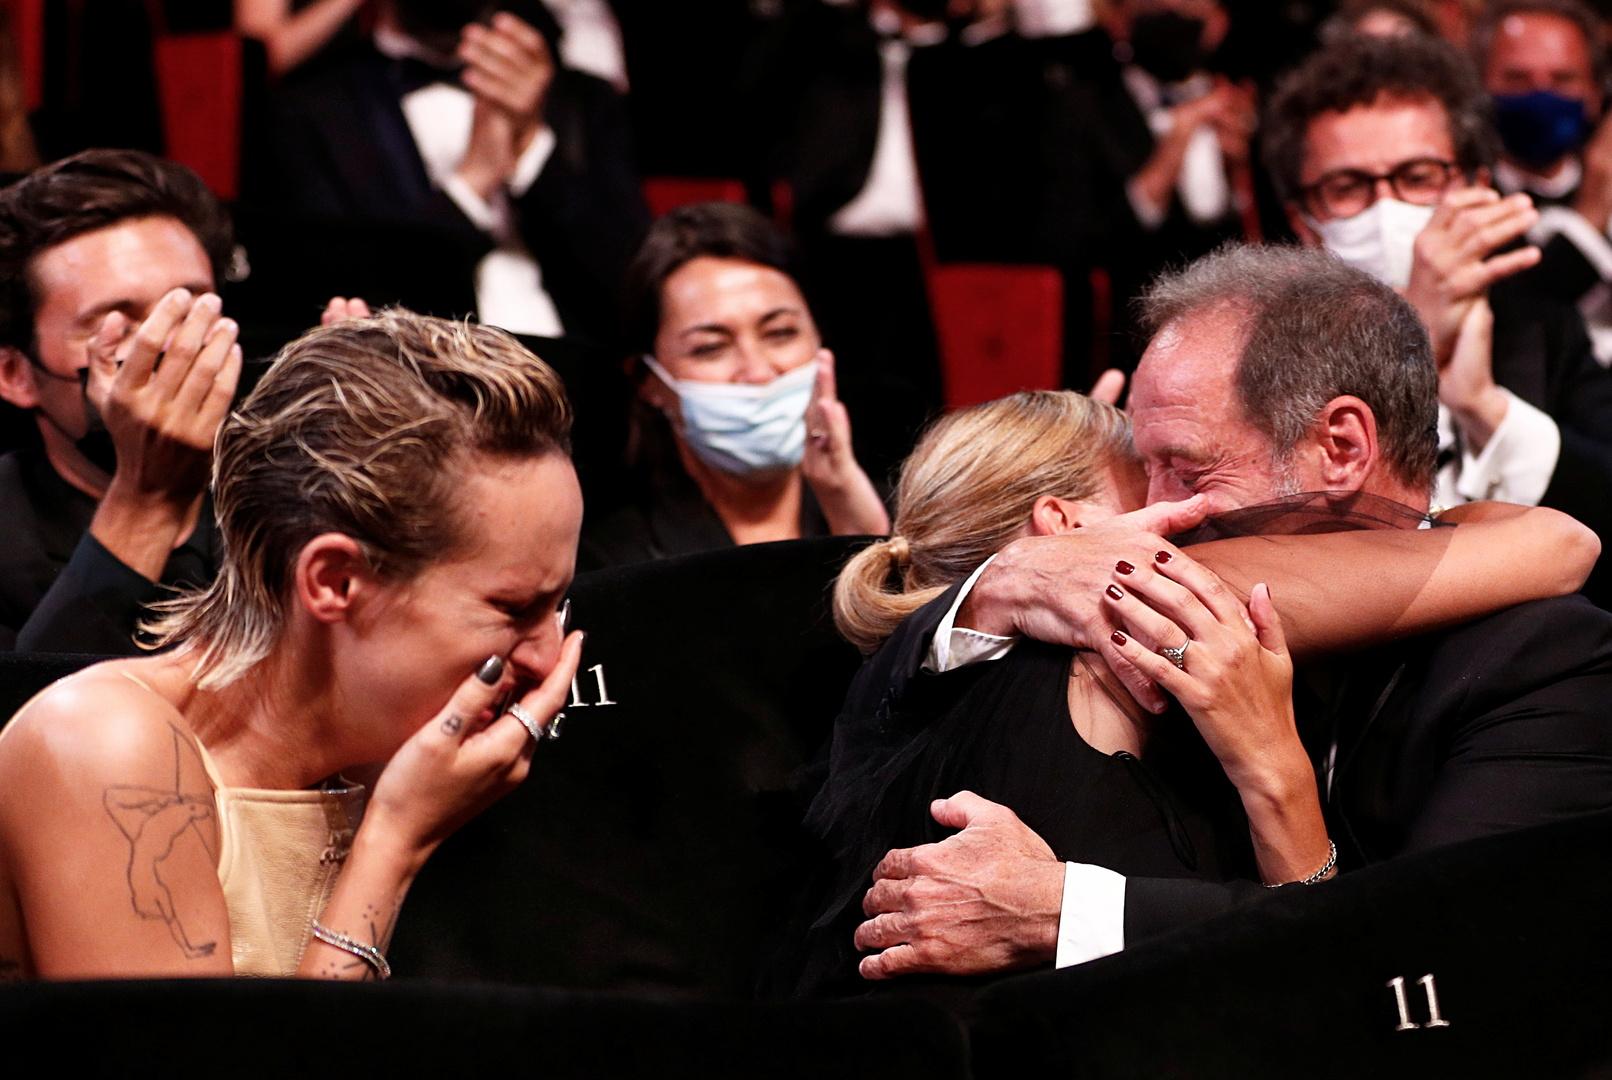 مخرجة فرنسية تفوز بالسعفة الذهبية في مهرجان كان السينمائي (صور)